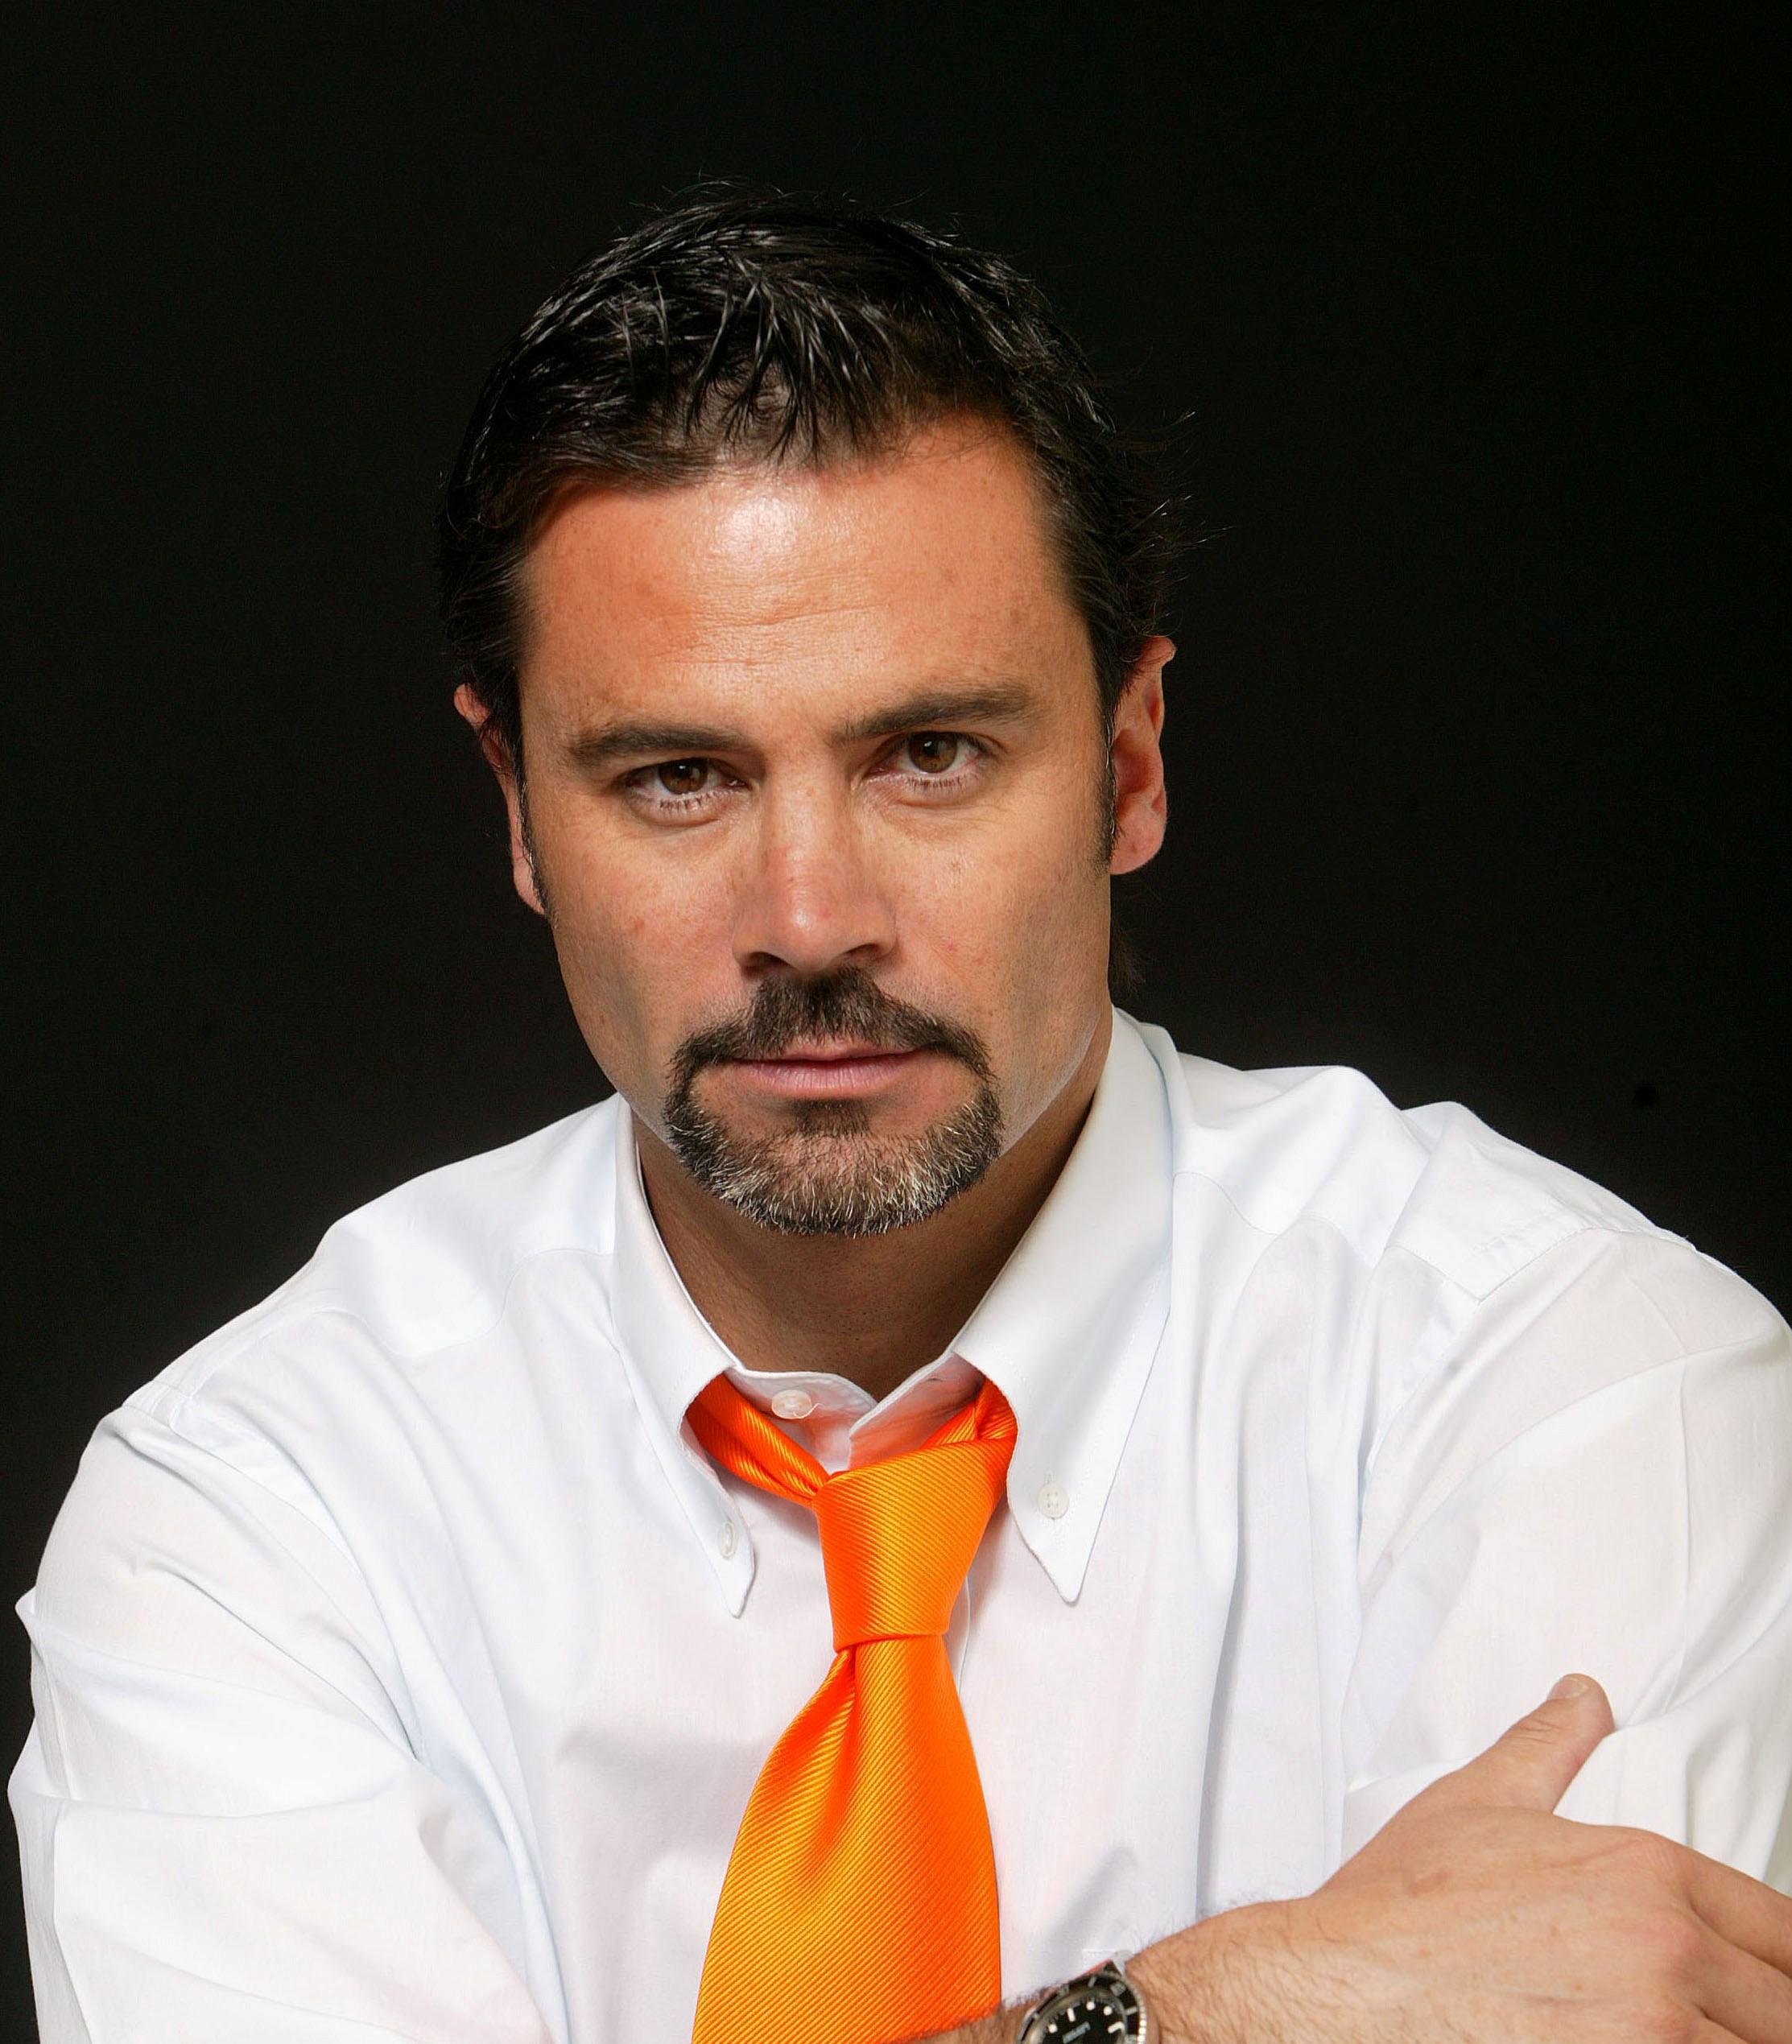 Felipe salary